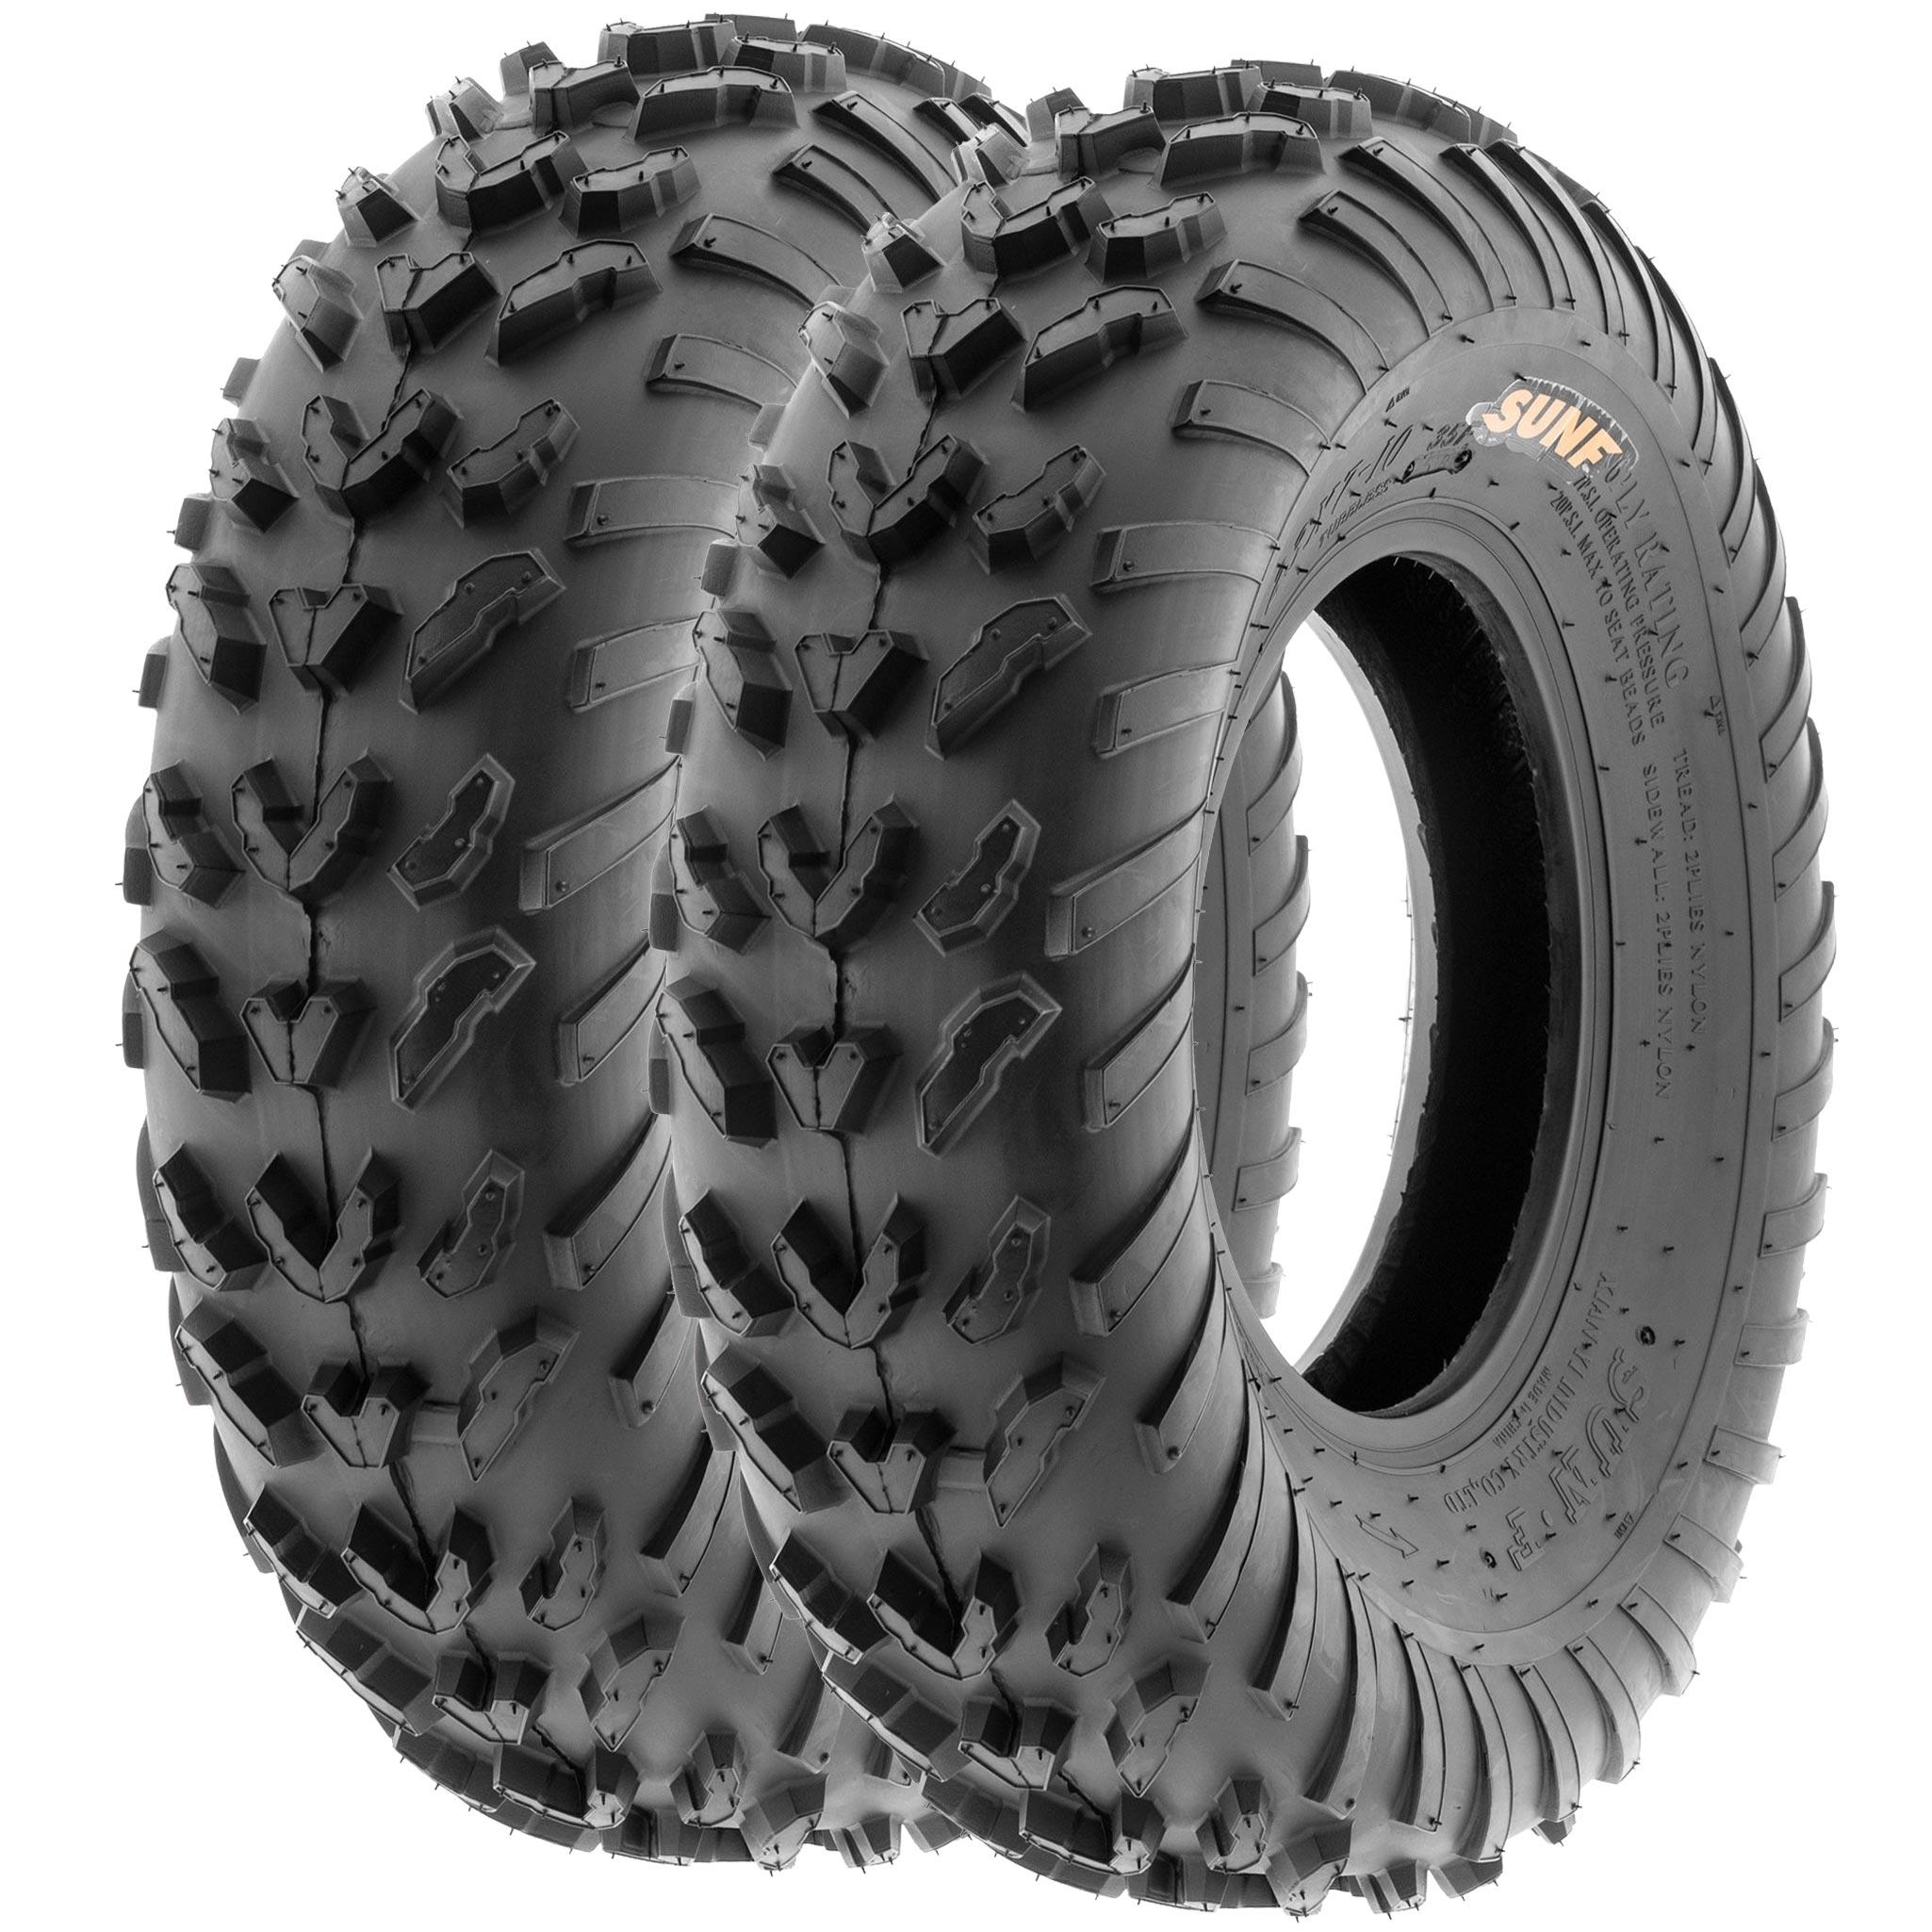 Pair of SUN.F ATV UTV QUAD Tires 2 22X10-10 22X10X10   6PR//004